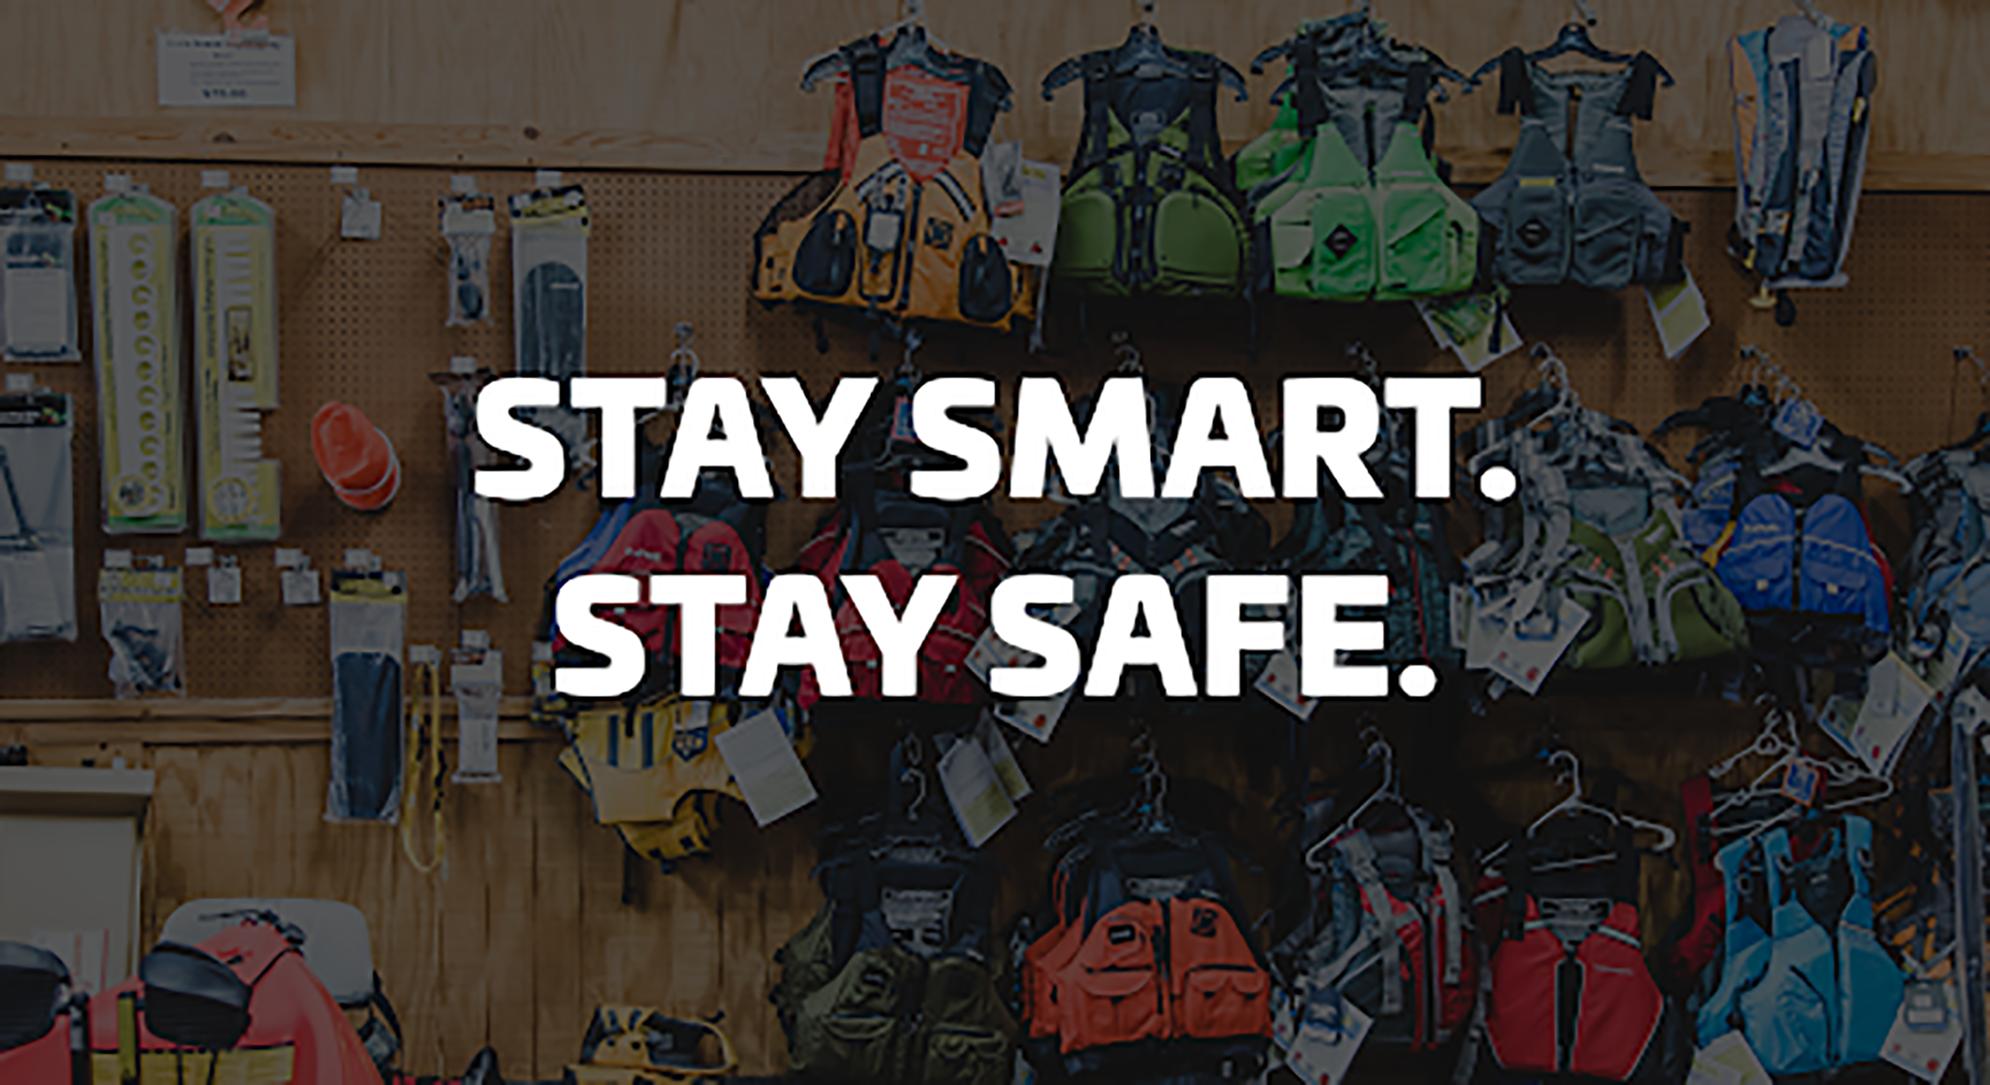 Stay Smart. Stay Safe.